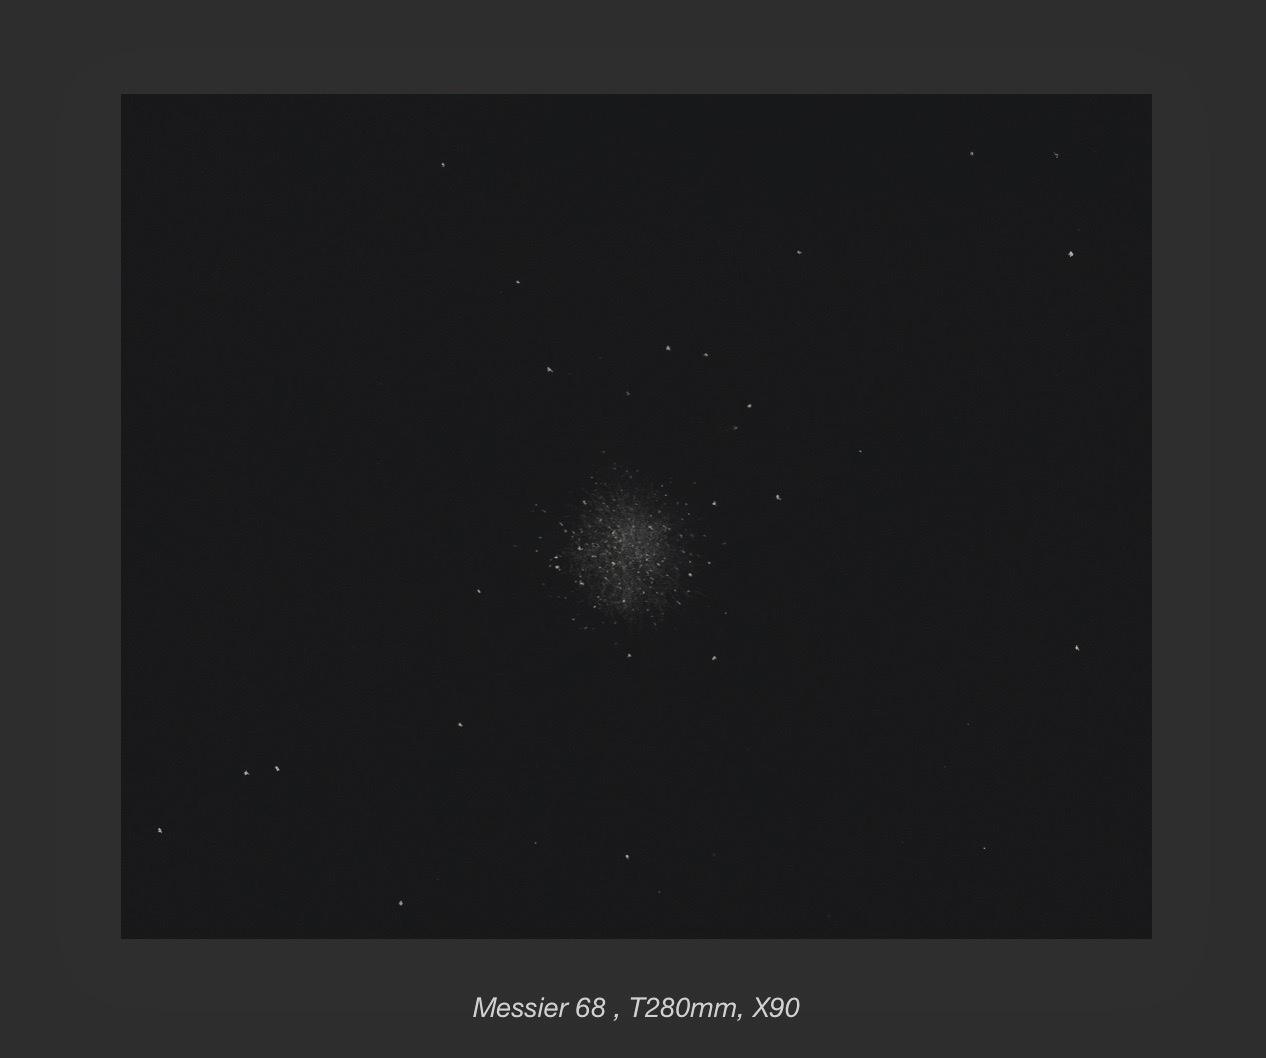 5e78989924269_Messier68.jpeg.570525bd3eec0e8233b30442906ed2f4.jpeg